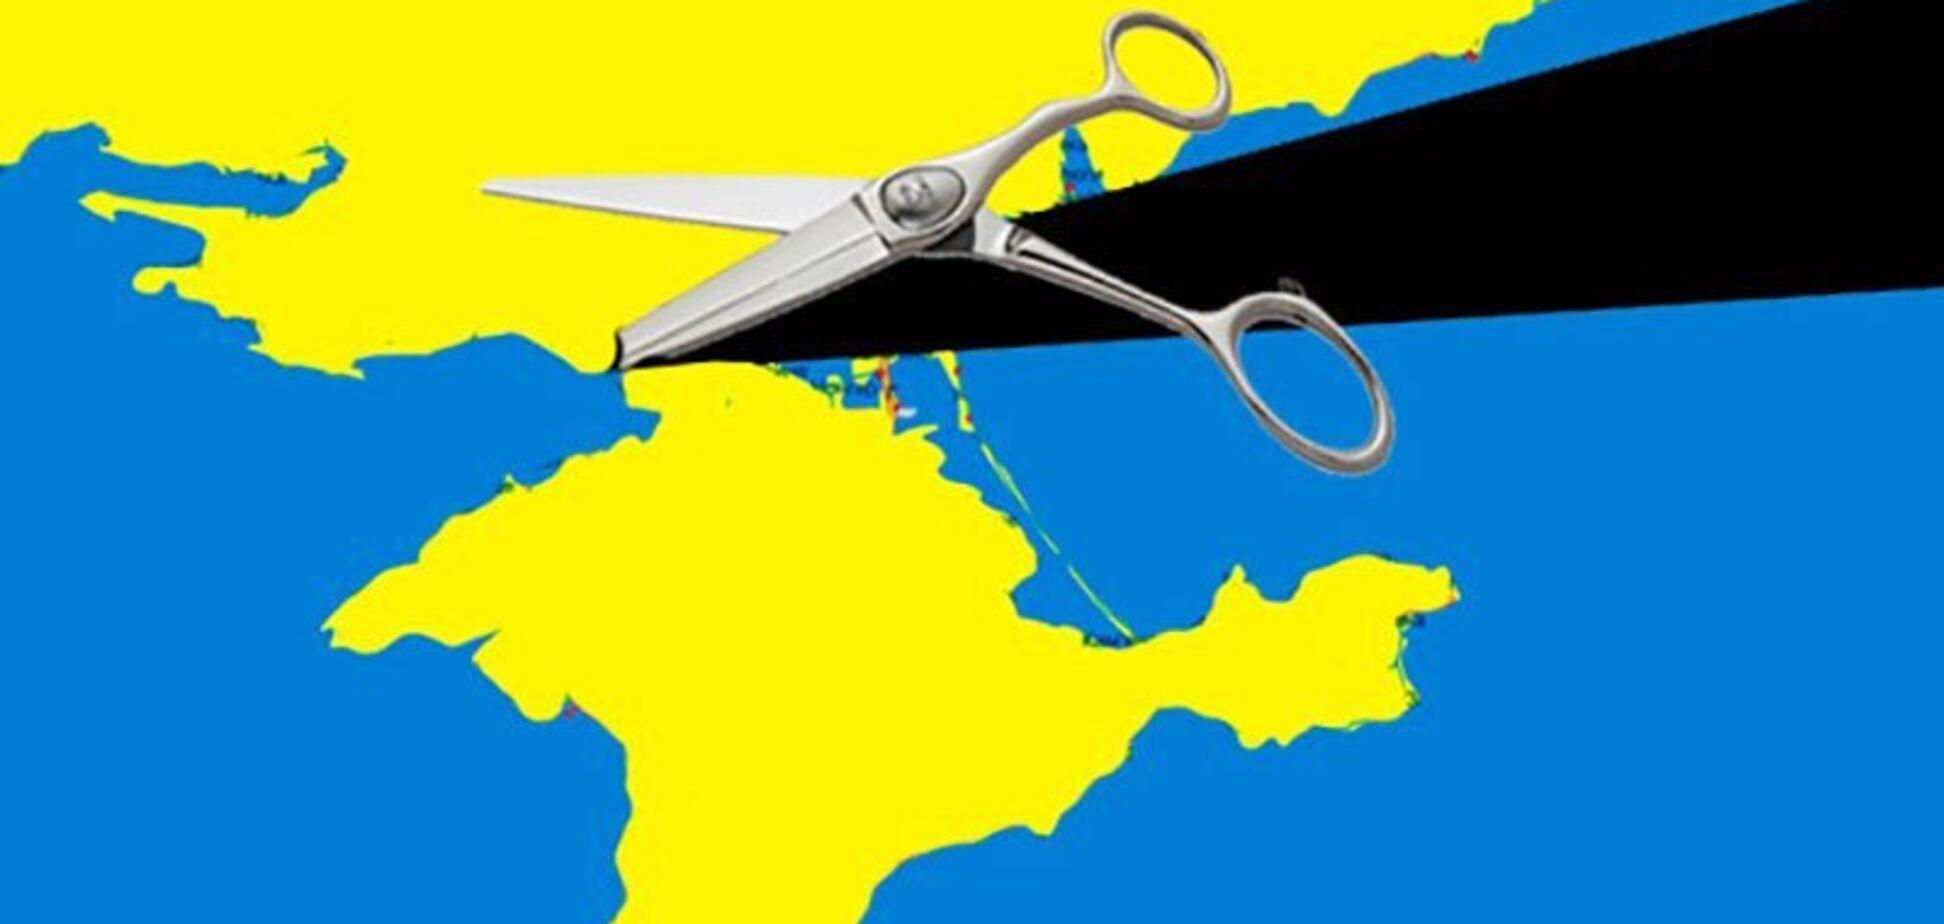 'Заманали, малороссы': в Украине разгорелся новый скандал из-за Крыма